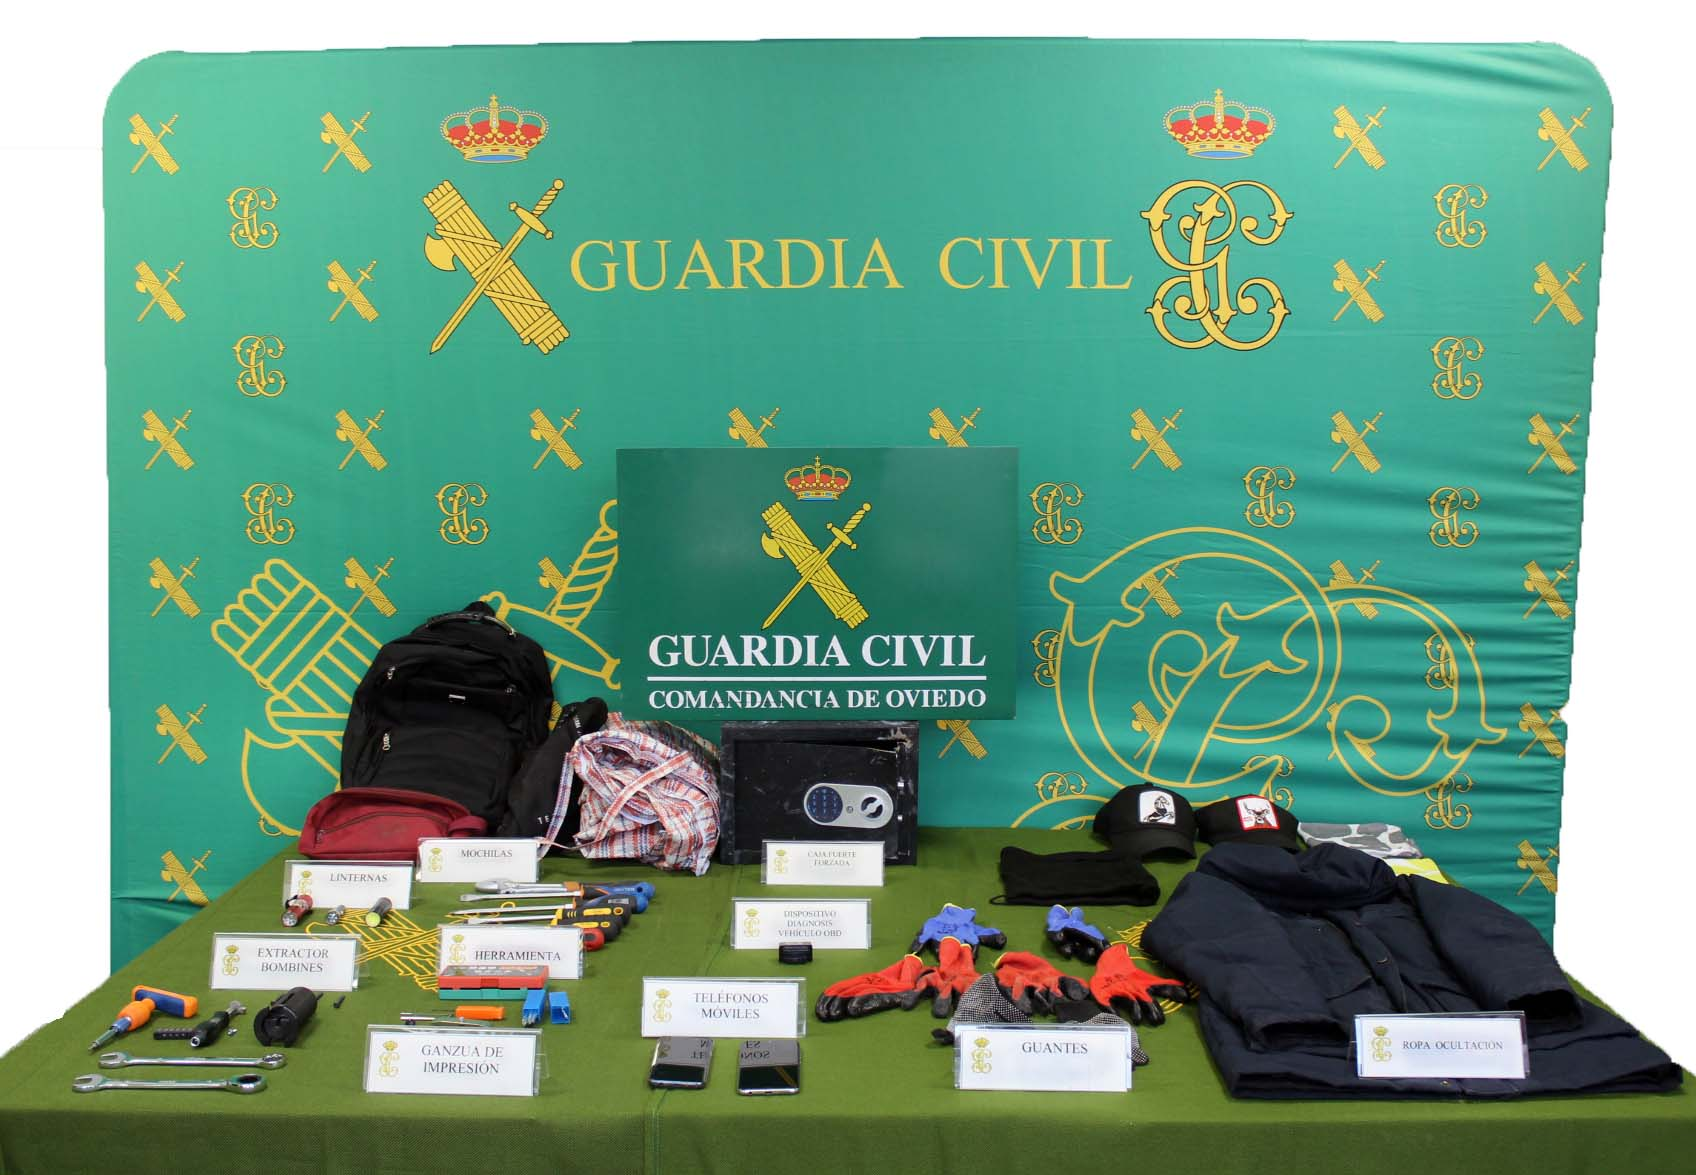 La Guardia Civil desarticula un grupo criminal especializado en el robo con fuerza en colegios públicos y establecimientos de telefonía móvil